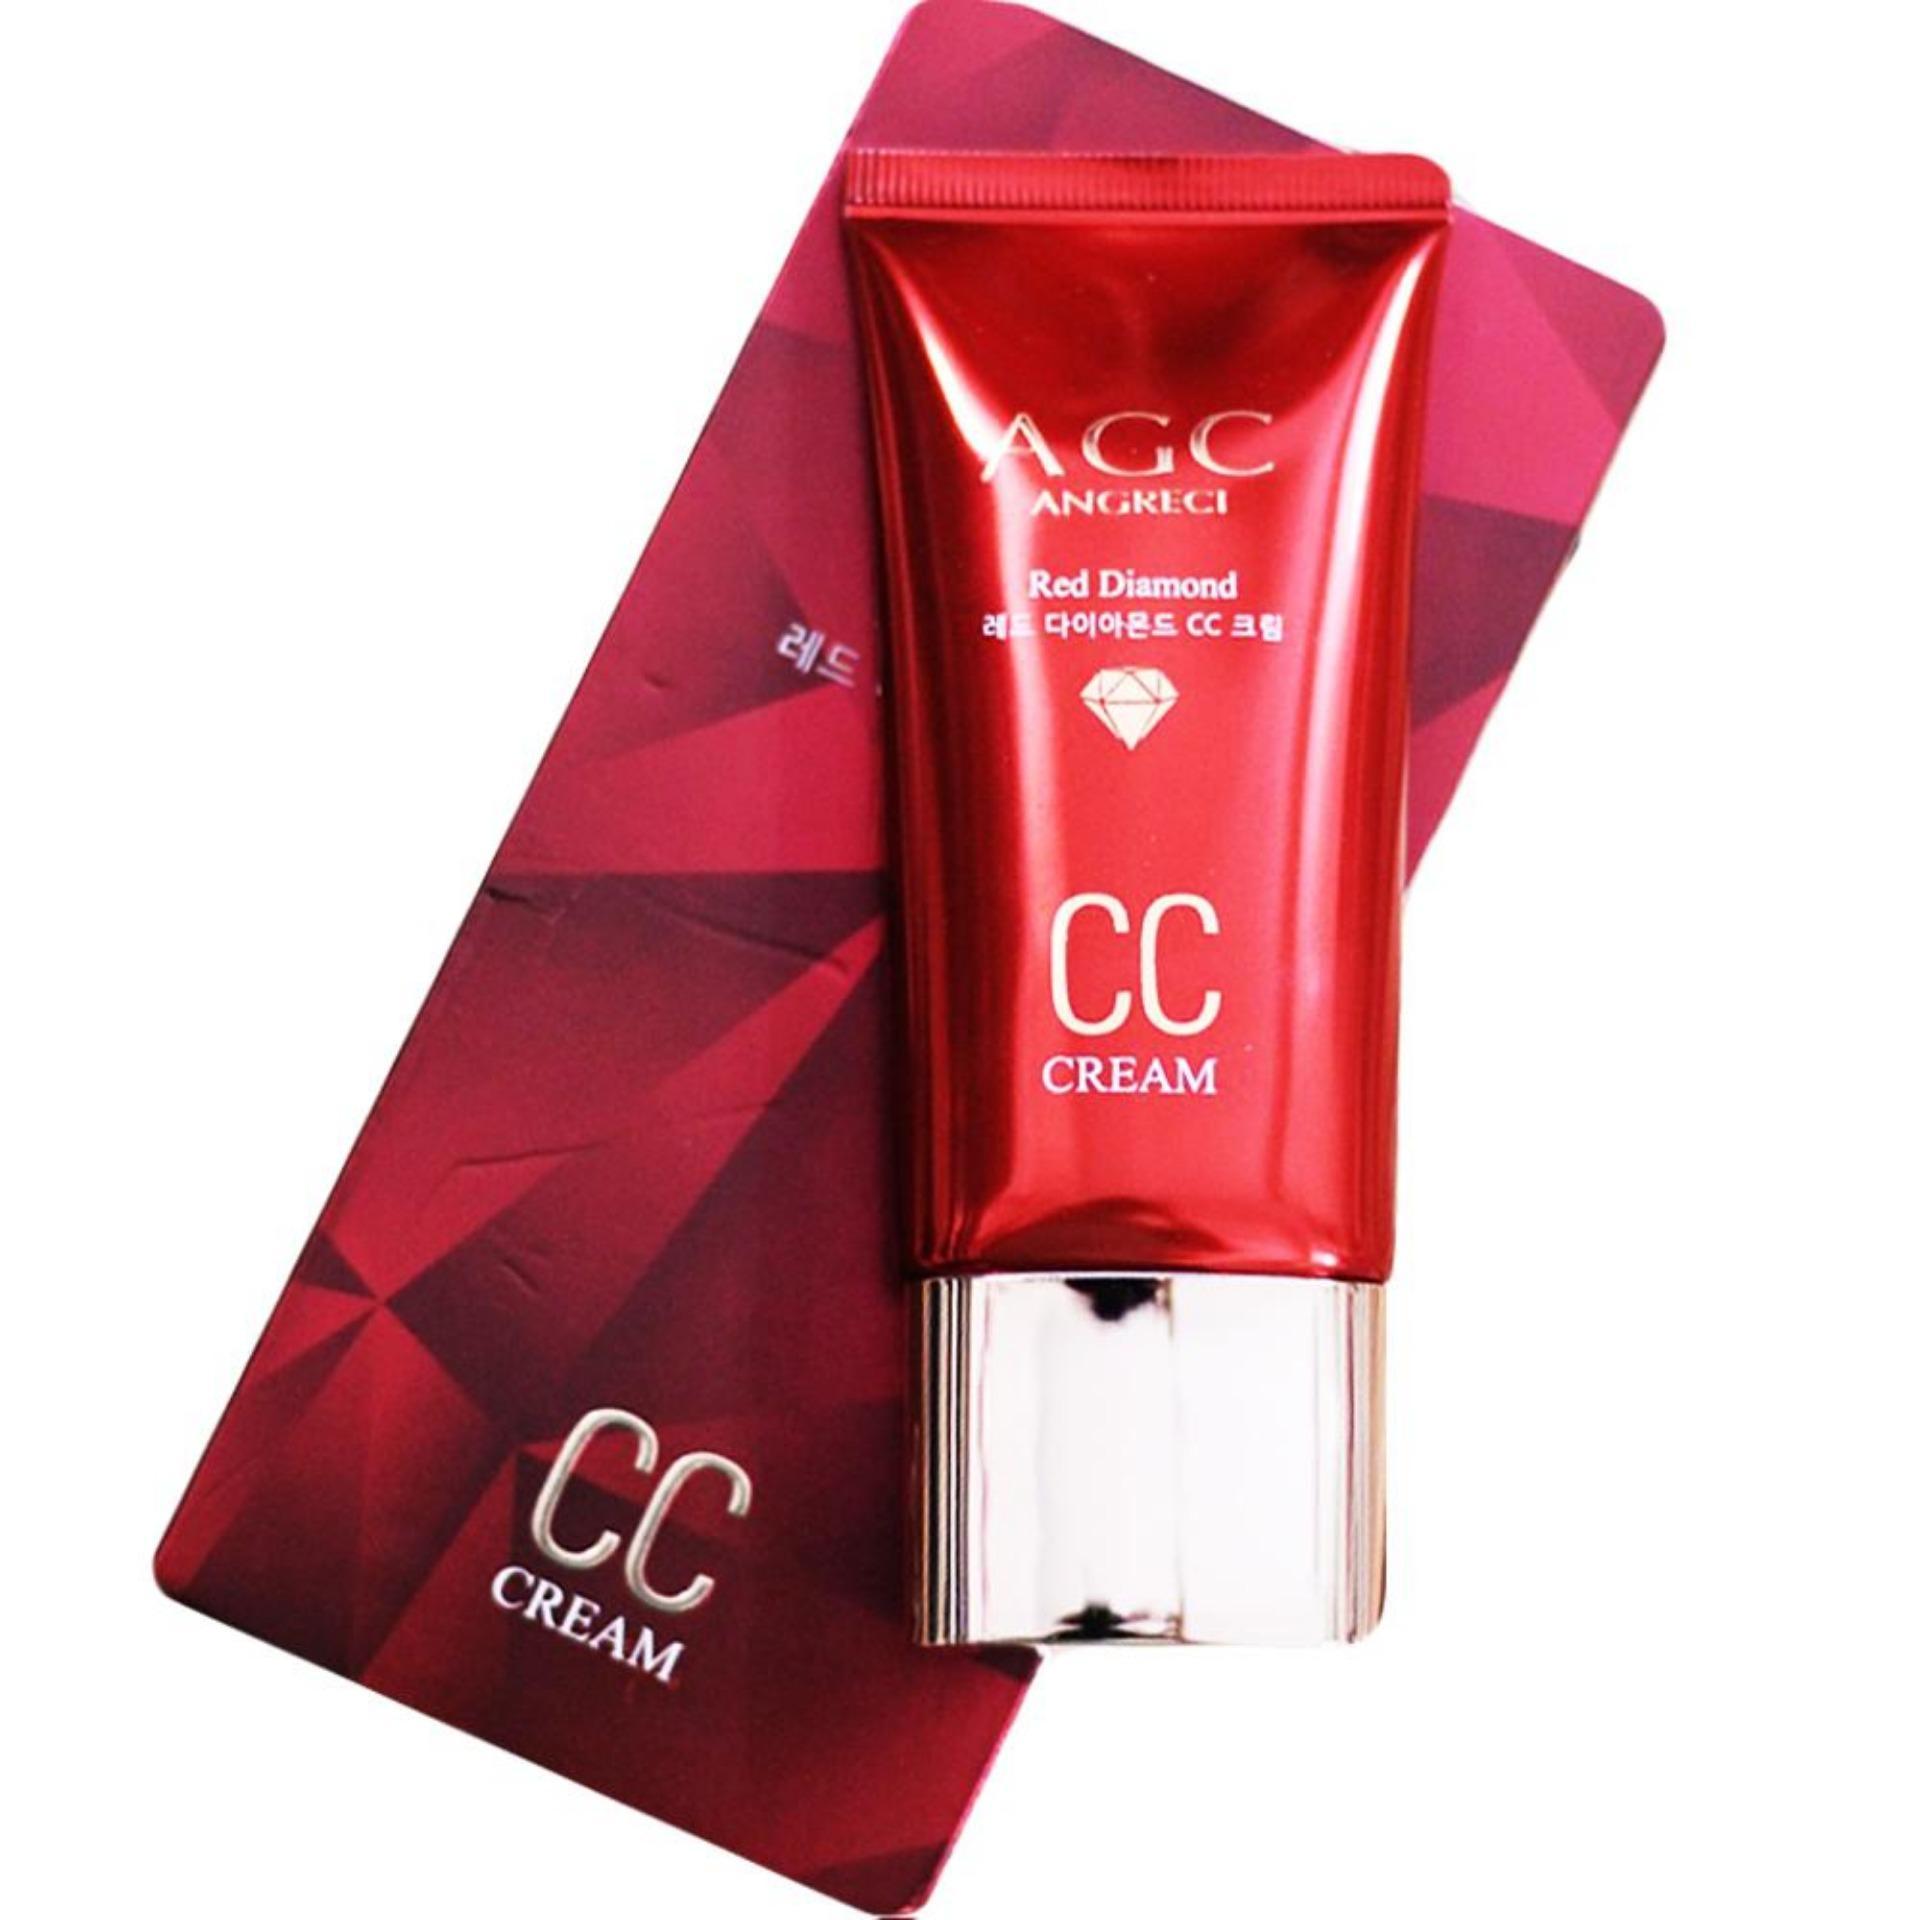 Kem Nền AGC CC Cream (Che Khuyết Điểm Thông Minh) tốt nhất